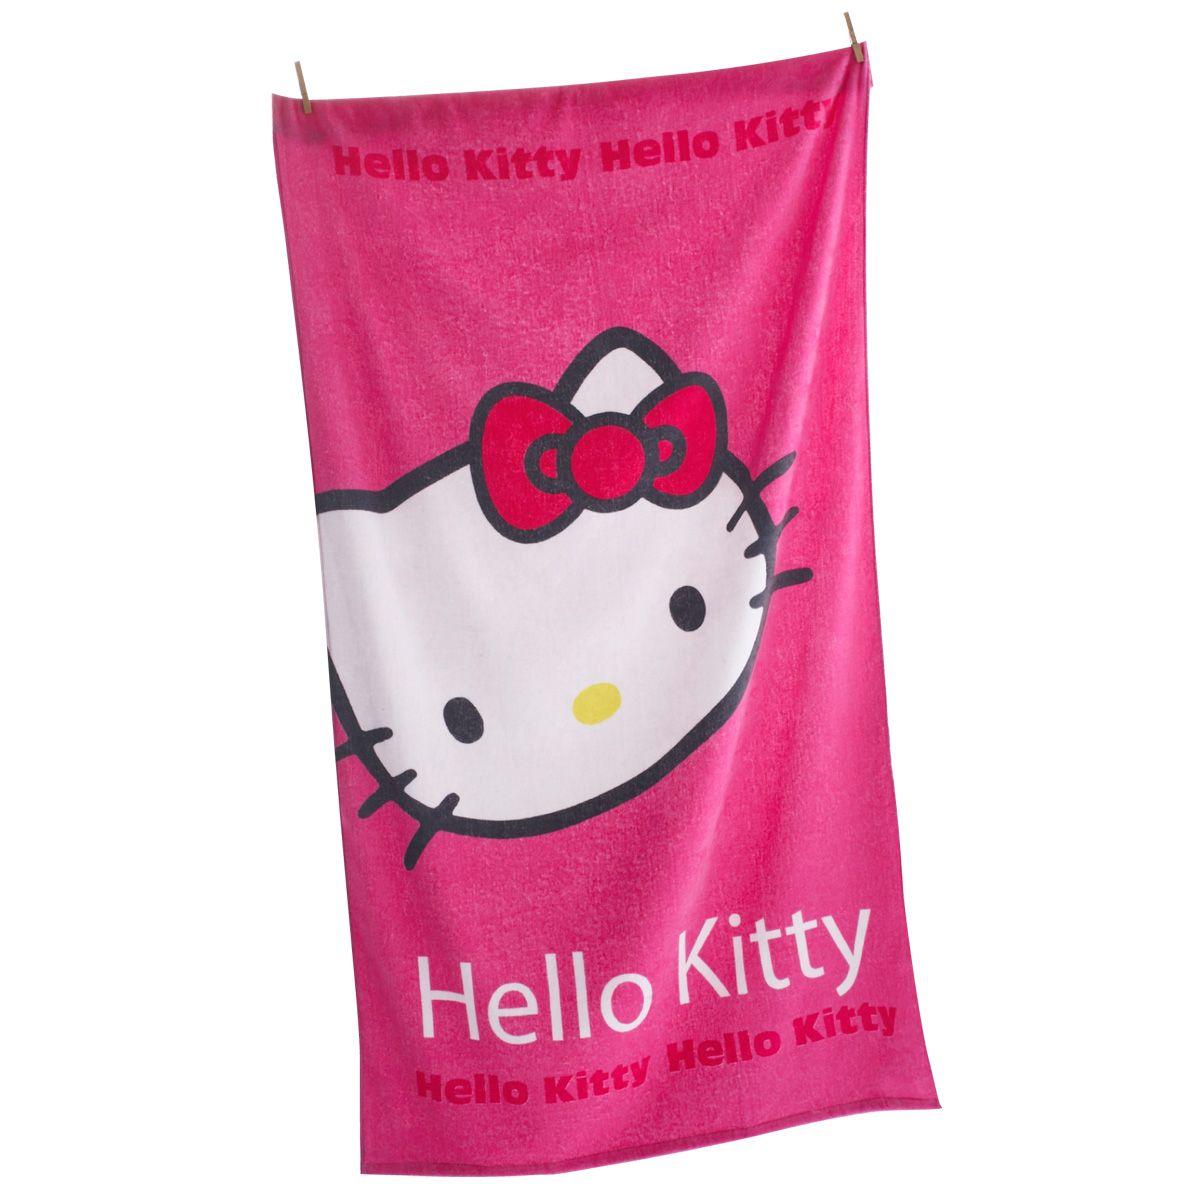 serviettes de plage hello kitty roxy playboy ralph lauren et draps de plage maillot de bain. Black Bedroom Furniture Sets. Home Design Ideas